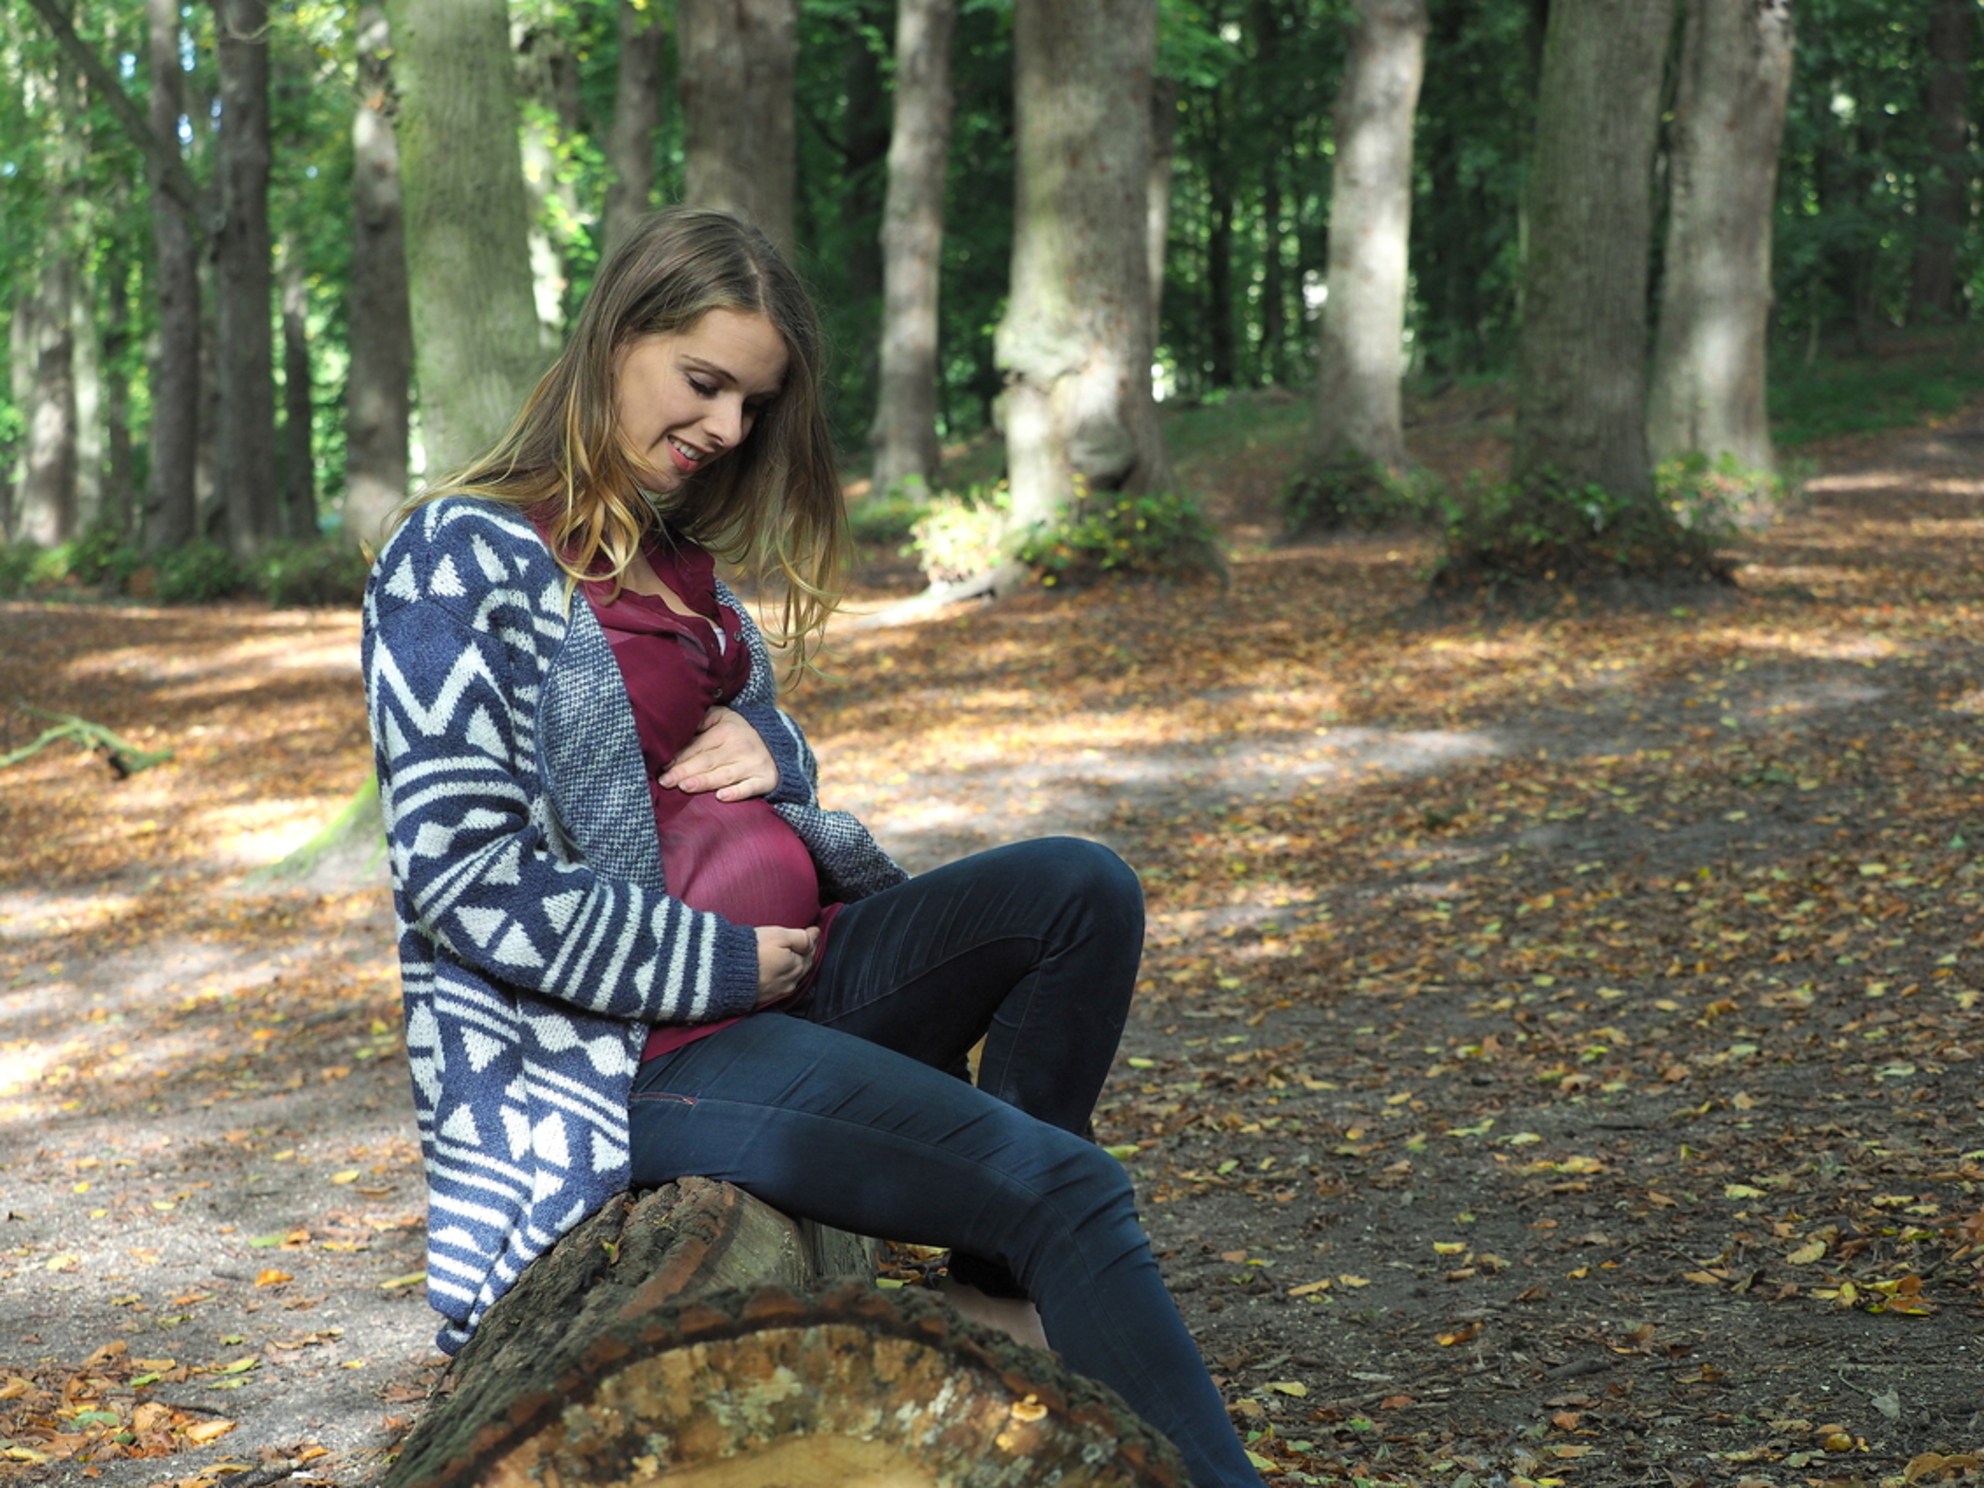 Teder... - 20 weken ...Karin tast  een nieuw leven.. Gisteren een gave  shoot voor haar... - foto door pietsnoeier op 13-10-2017 - deze foto bevat: vrouw, herfst, portret, model, bos, daglicht, lief, beauty, zwanger, straatfotografie, karin, fotoshoot, teder, buikje, groenendaalsebos - Deze foto mag gebruikt worden in een Zoom.nl publicatie